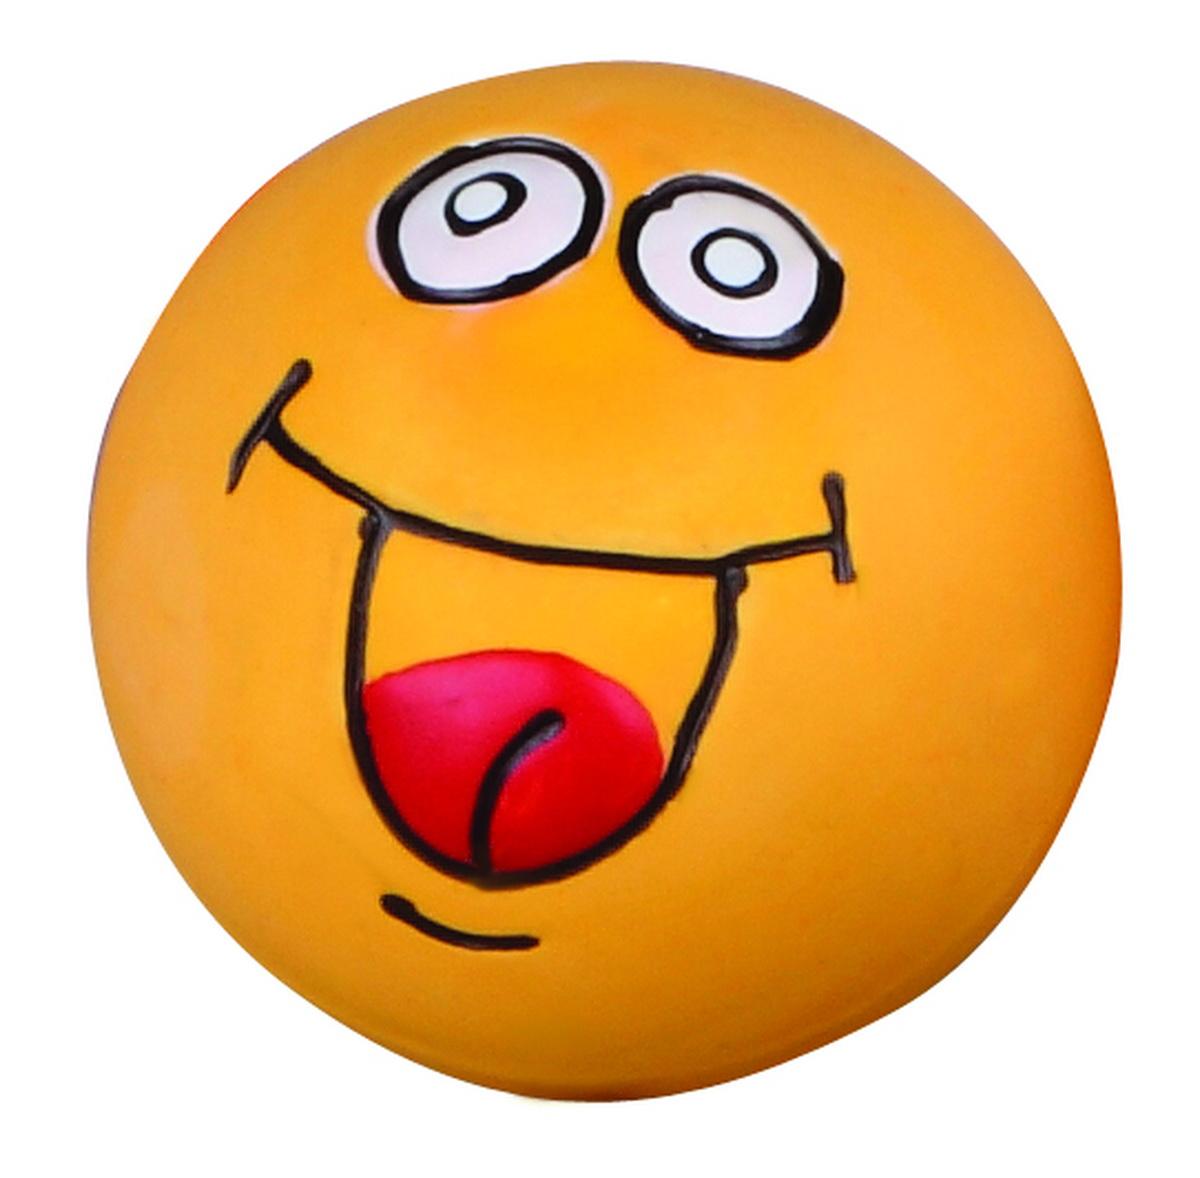 Игрушка для собак Dezzie Мяч №2, диаметр, 5,5 см5620120Игрушка для собак Dezzie Мяч №2 изготовлена из латекса. Она безопасна для здоровья животного. Латекс не твердеет под действием желудочного сока, поэтому игрушку можно смело покупать даже самым маленьким щенкам. Очаровательная игрушка обеспечит досуг собаке и не позволит ей скучать. Диаметр мяча: 5,5 см.